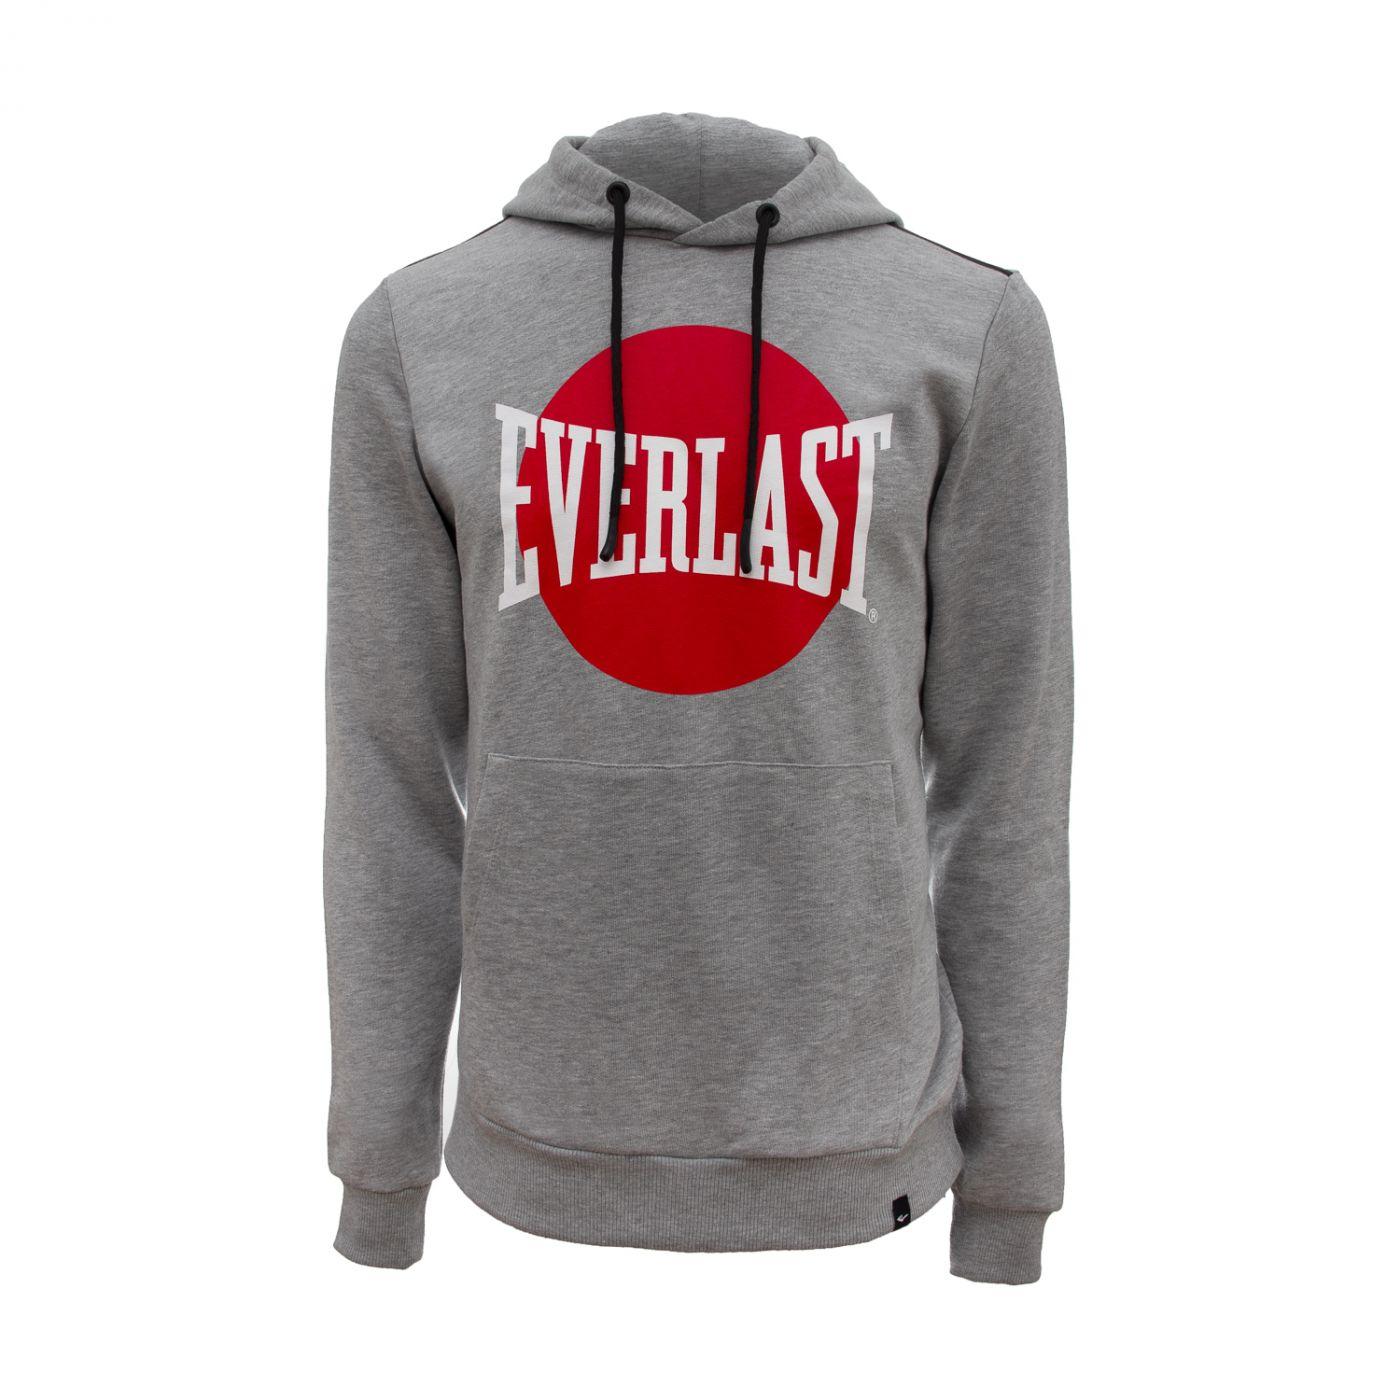 Толстовка Everlast с капюшоном Kobe, размер S, серая, артикул 789351-60 S GR